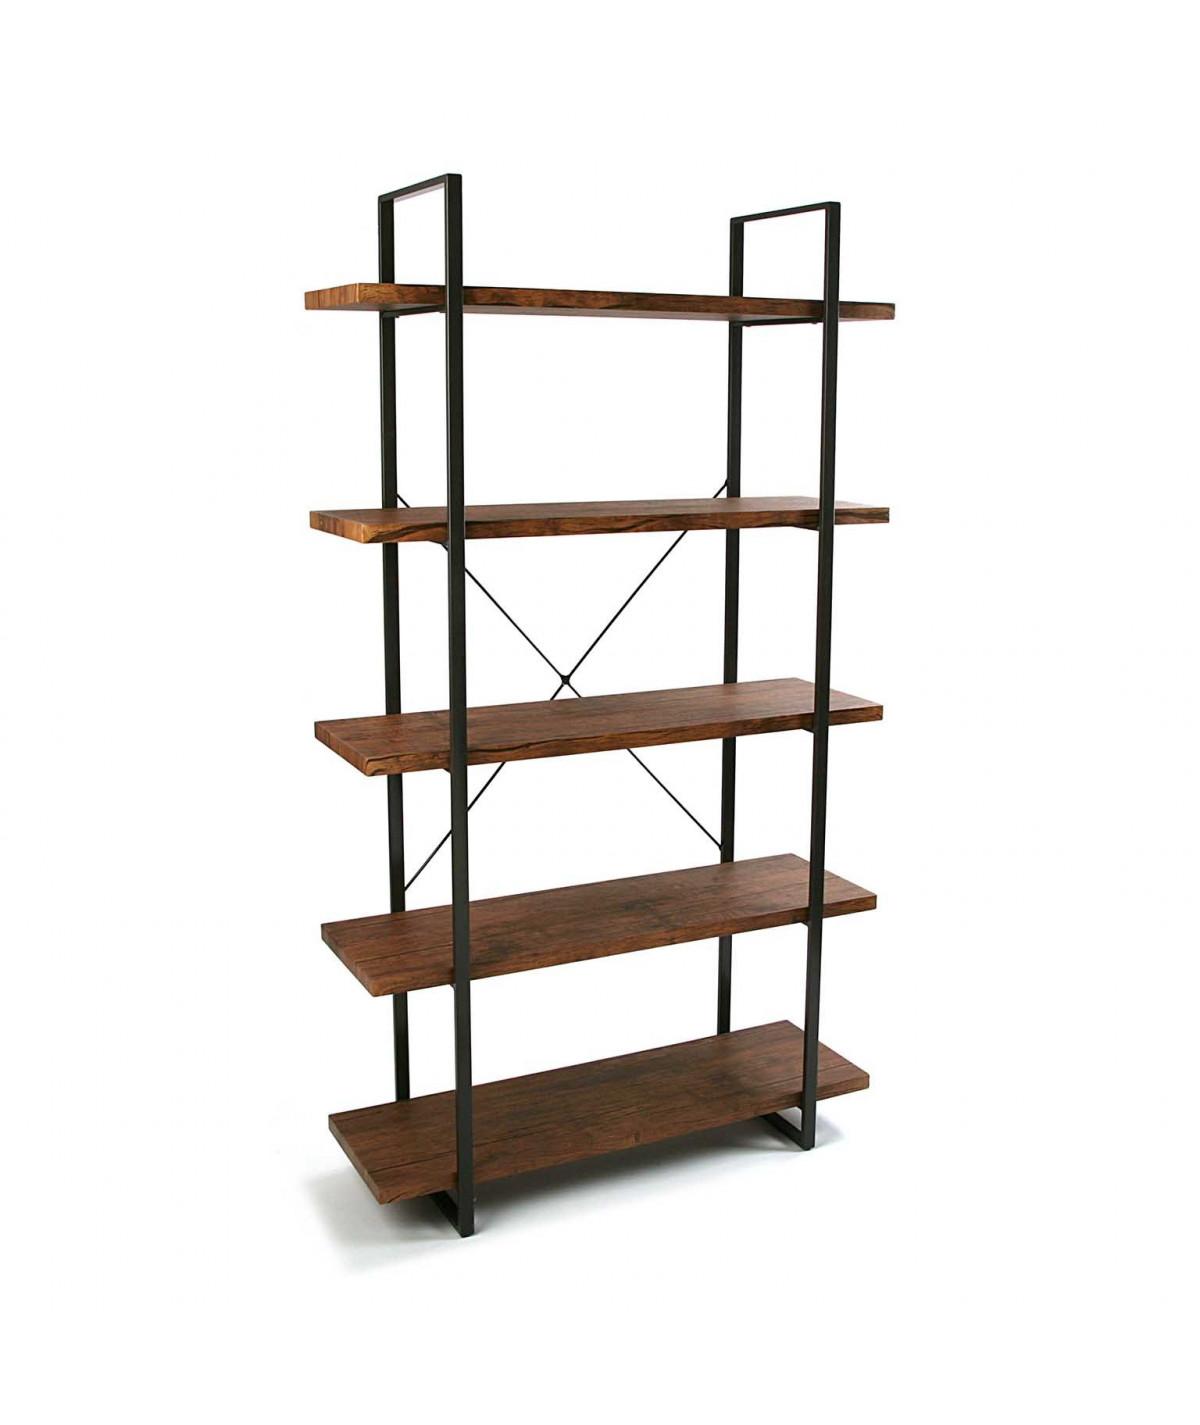 Etagère en bois à 4 niveaux et métal noir - Bibliothèque - Etagère|Yesdeko